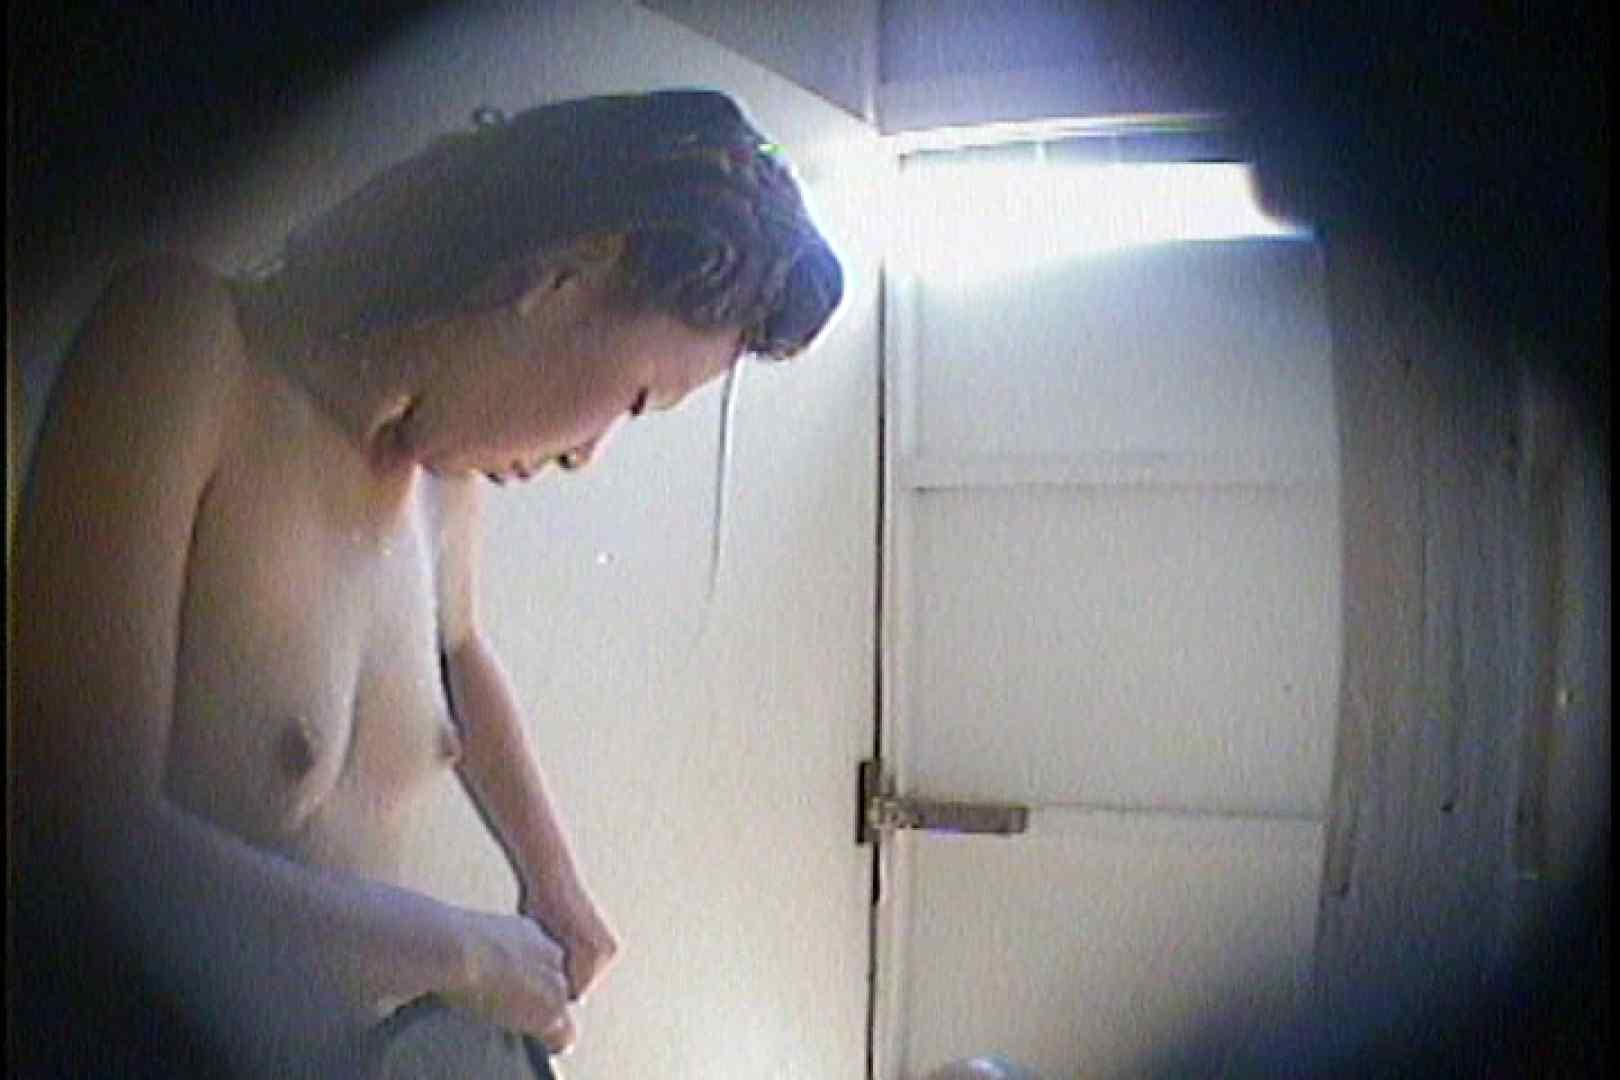 海の家の更衣室 Vol.31 日焼けした肌 セックス画像 99画像 69